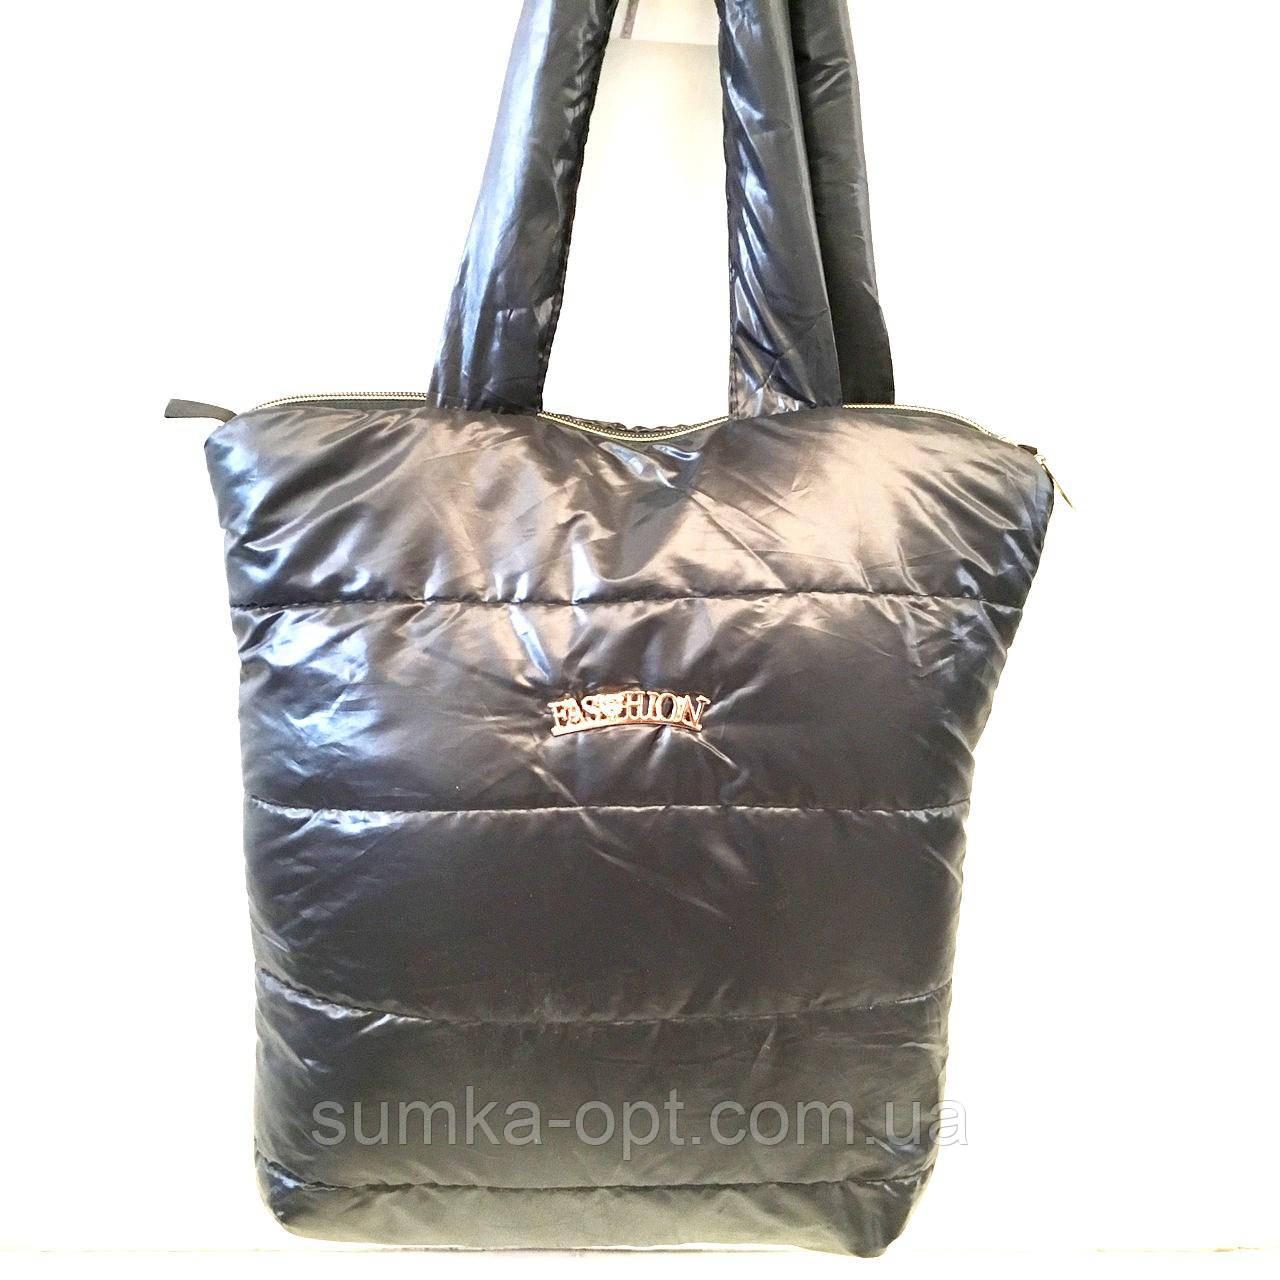 Жіночі стьобані сумки дешево опт до 100грн (чорний глянець)31*35см